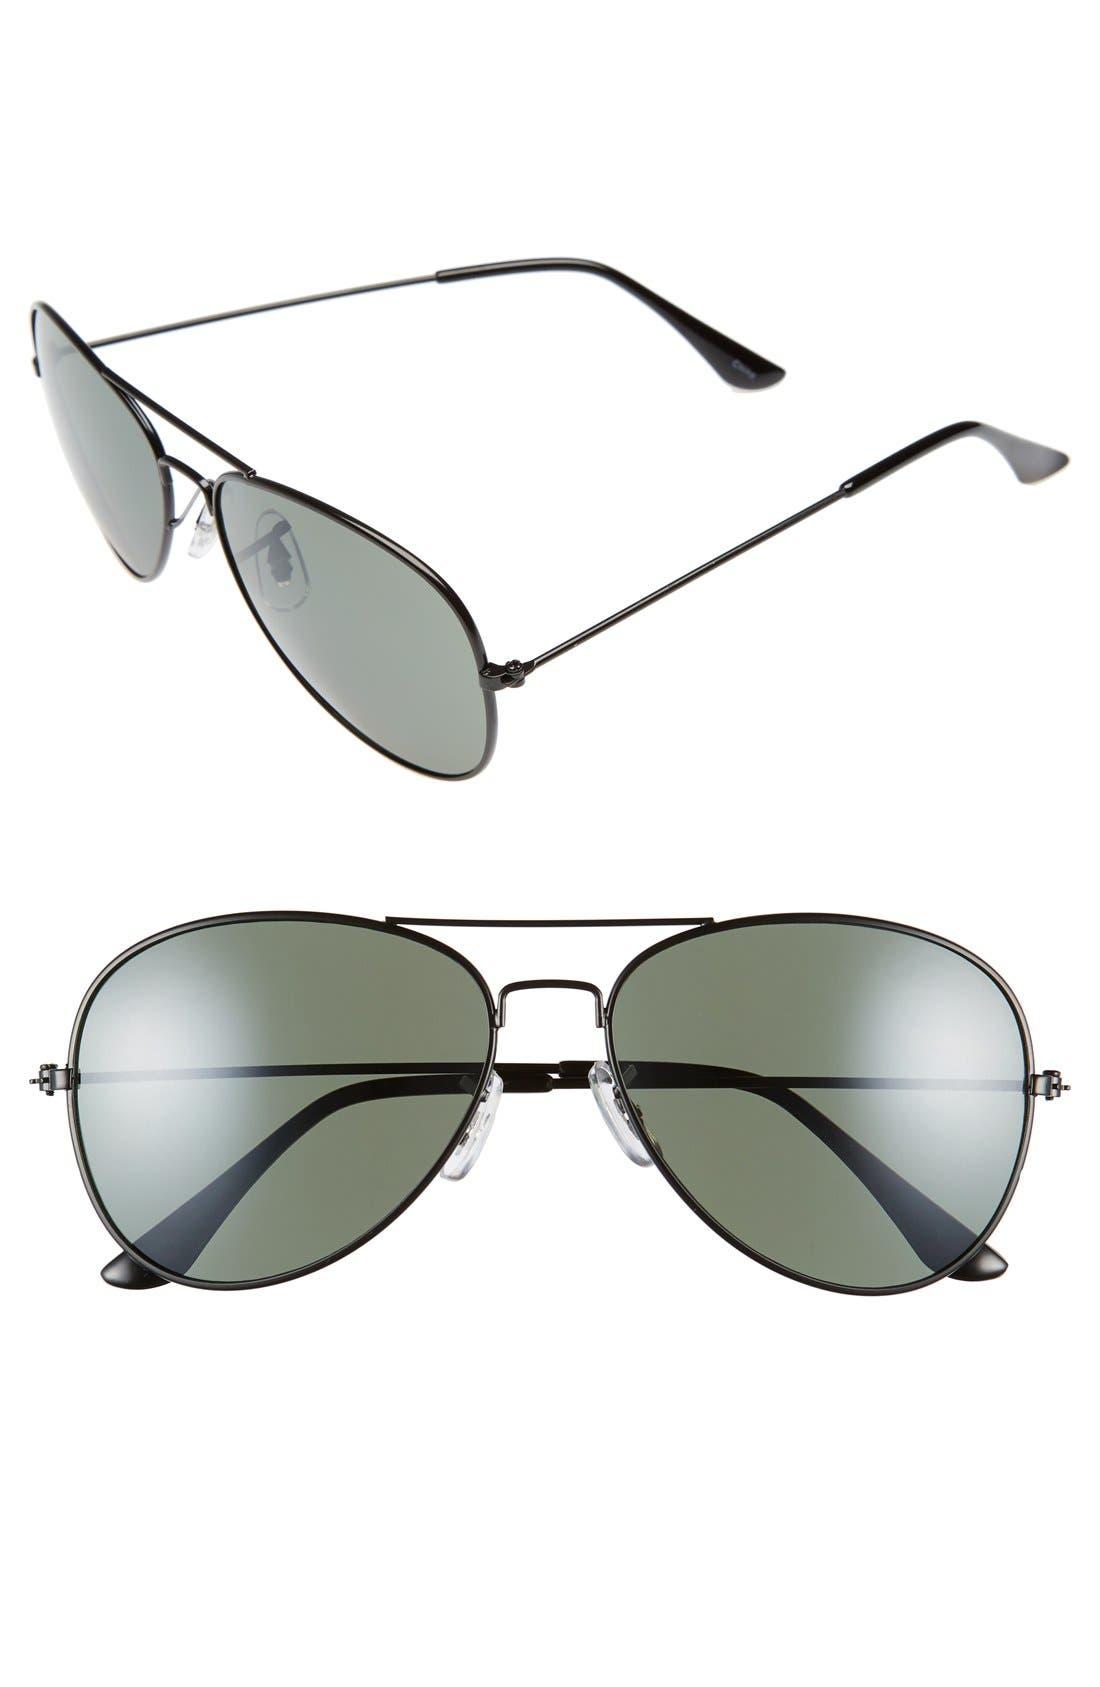 Alternate Image 1 Selected - BP. 45mm Matte Aviator Sunglasses